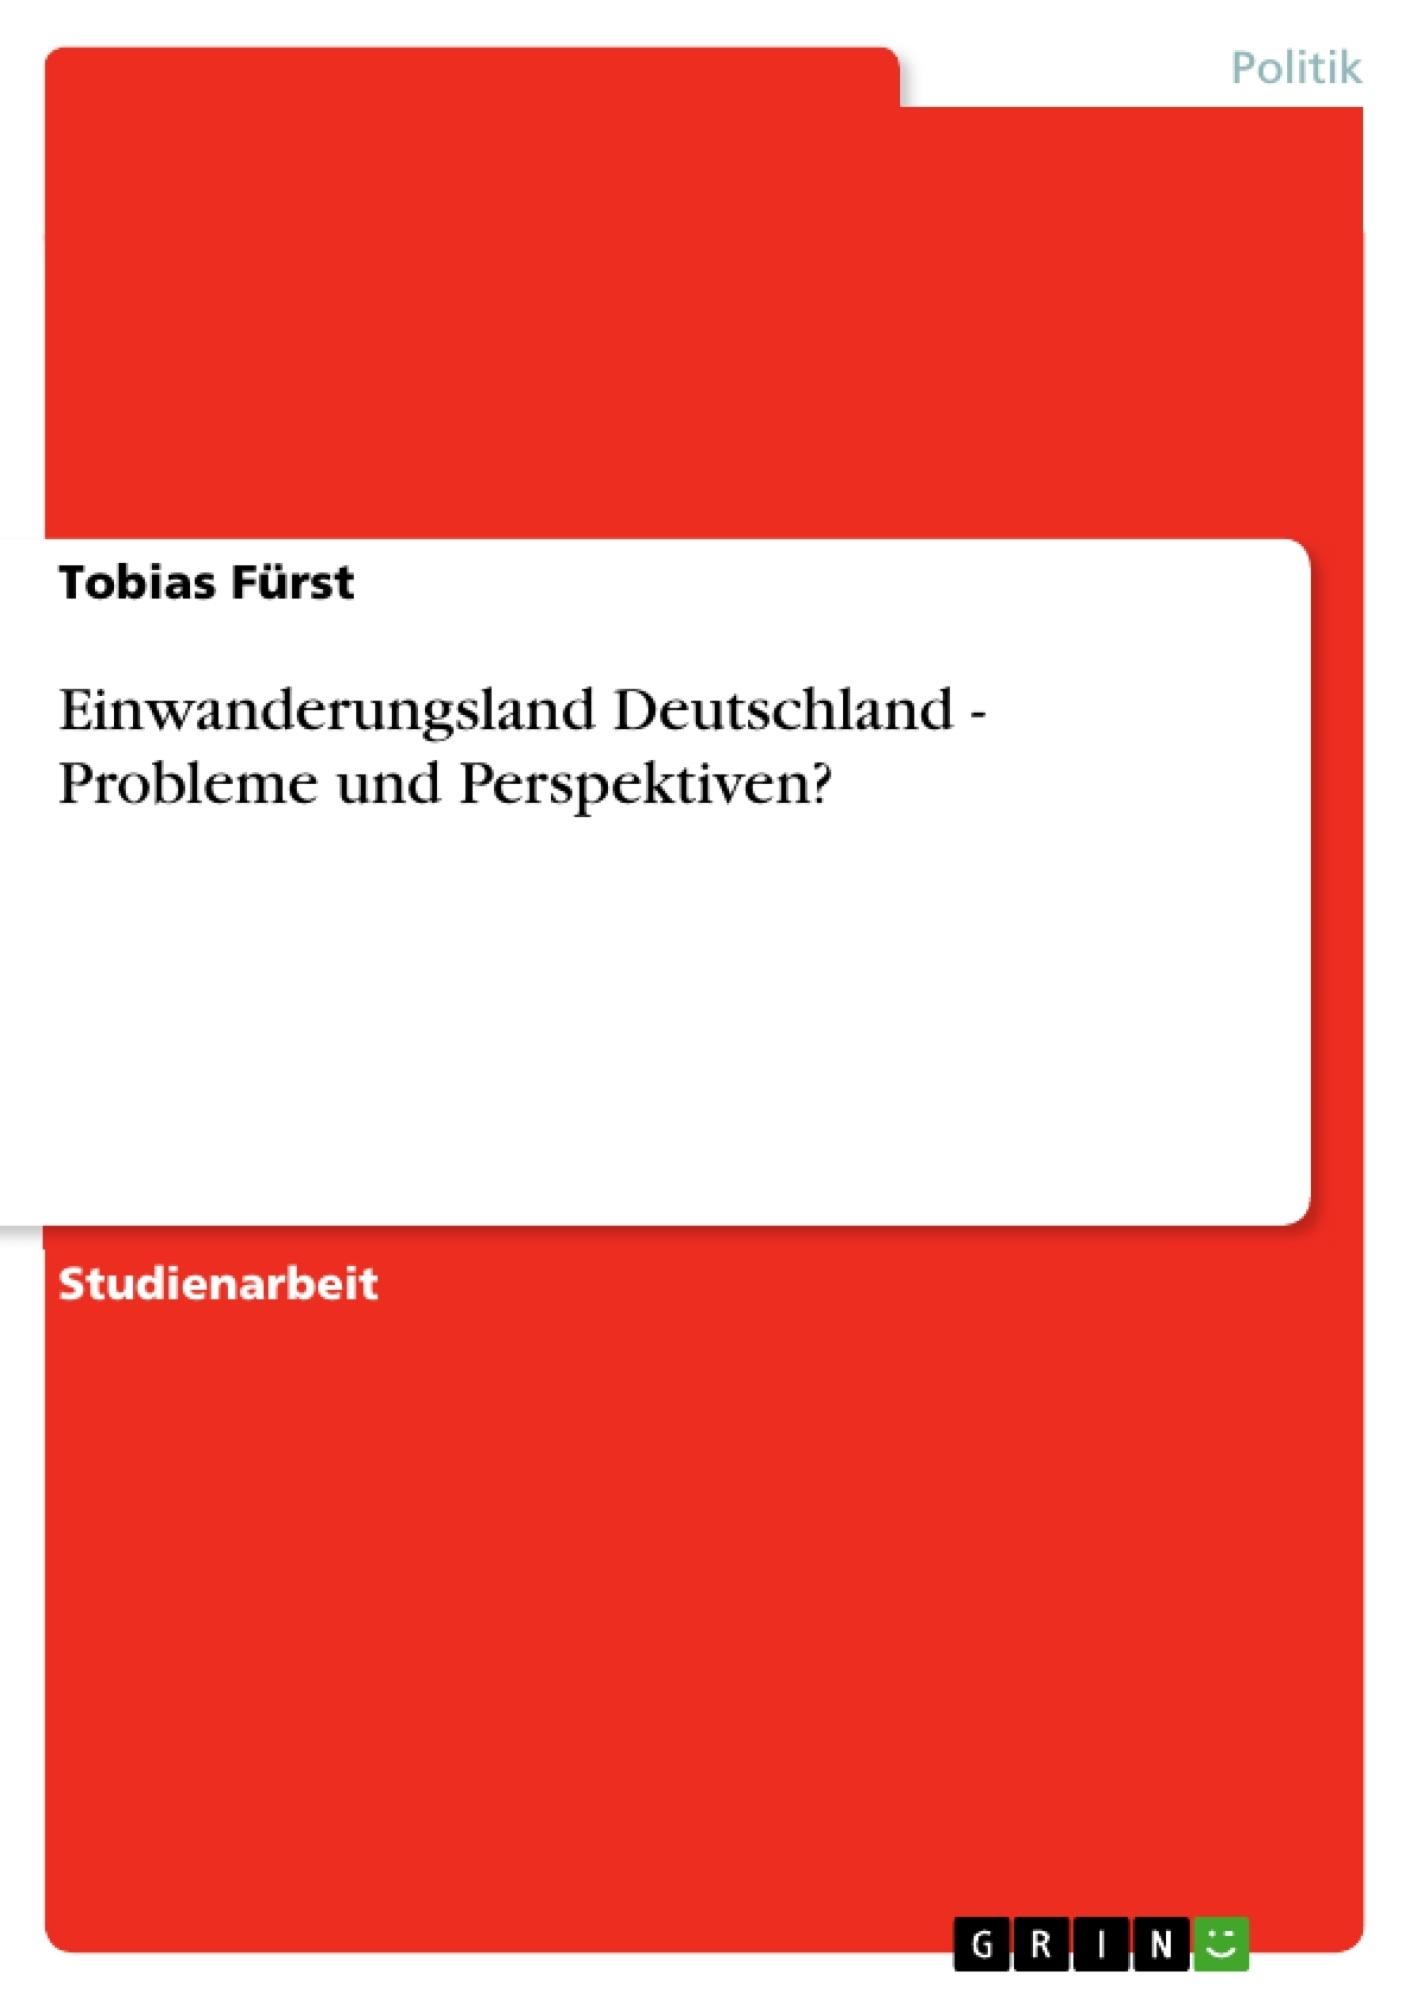 Titel: Einwanderungsland Deutschland - Probleme und Perspektiven?